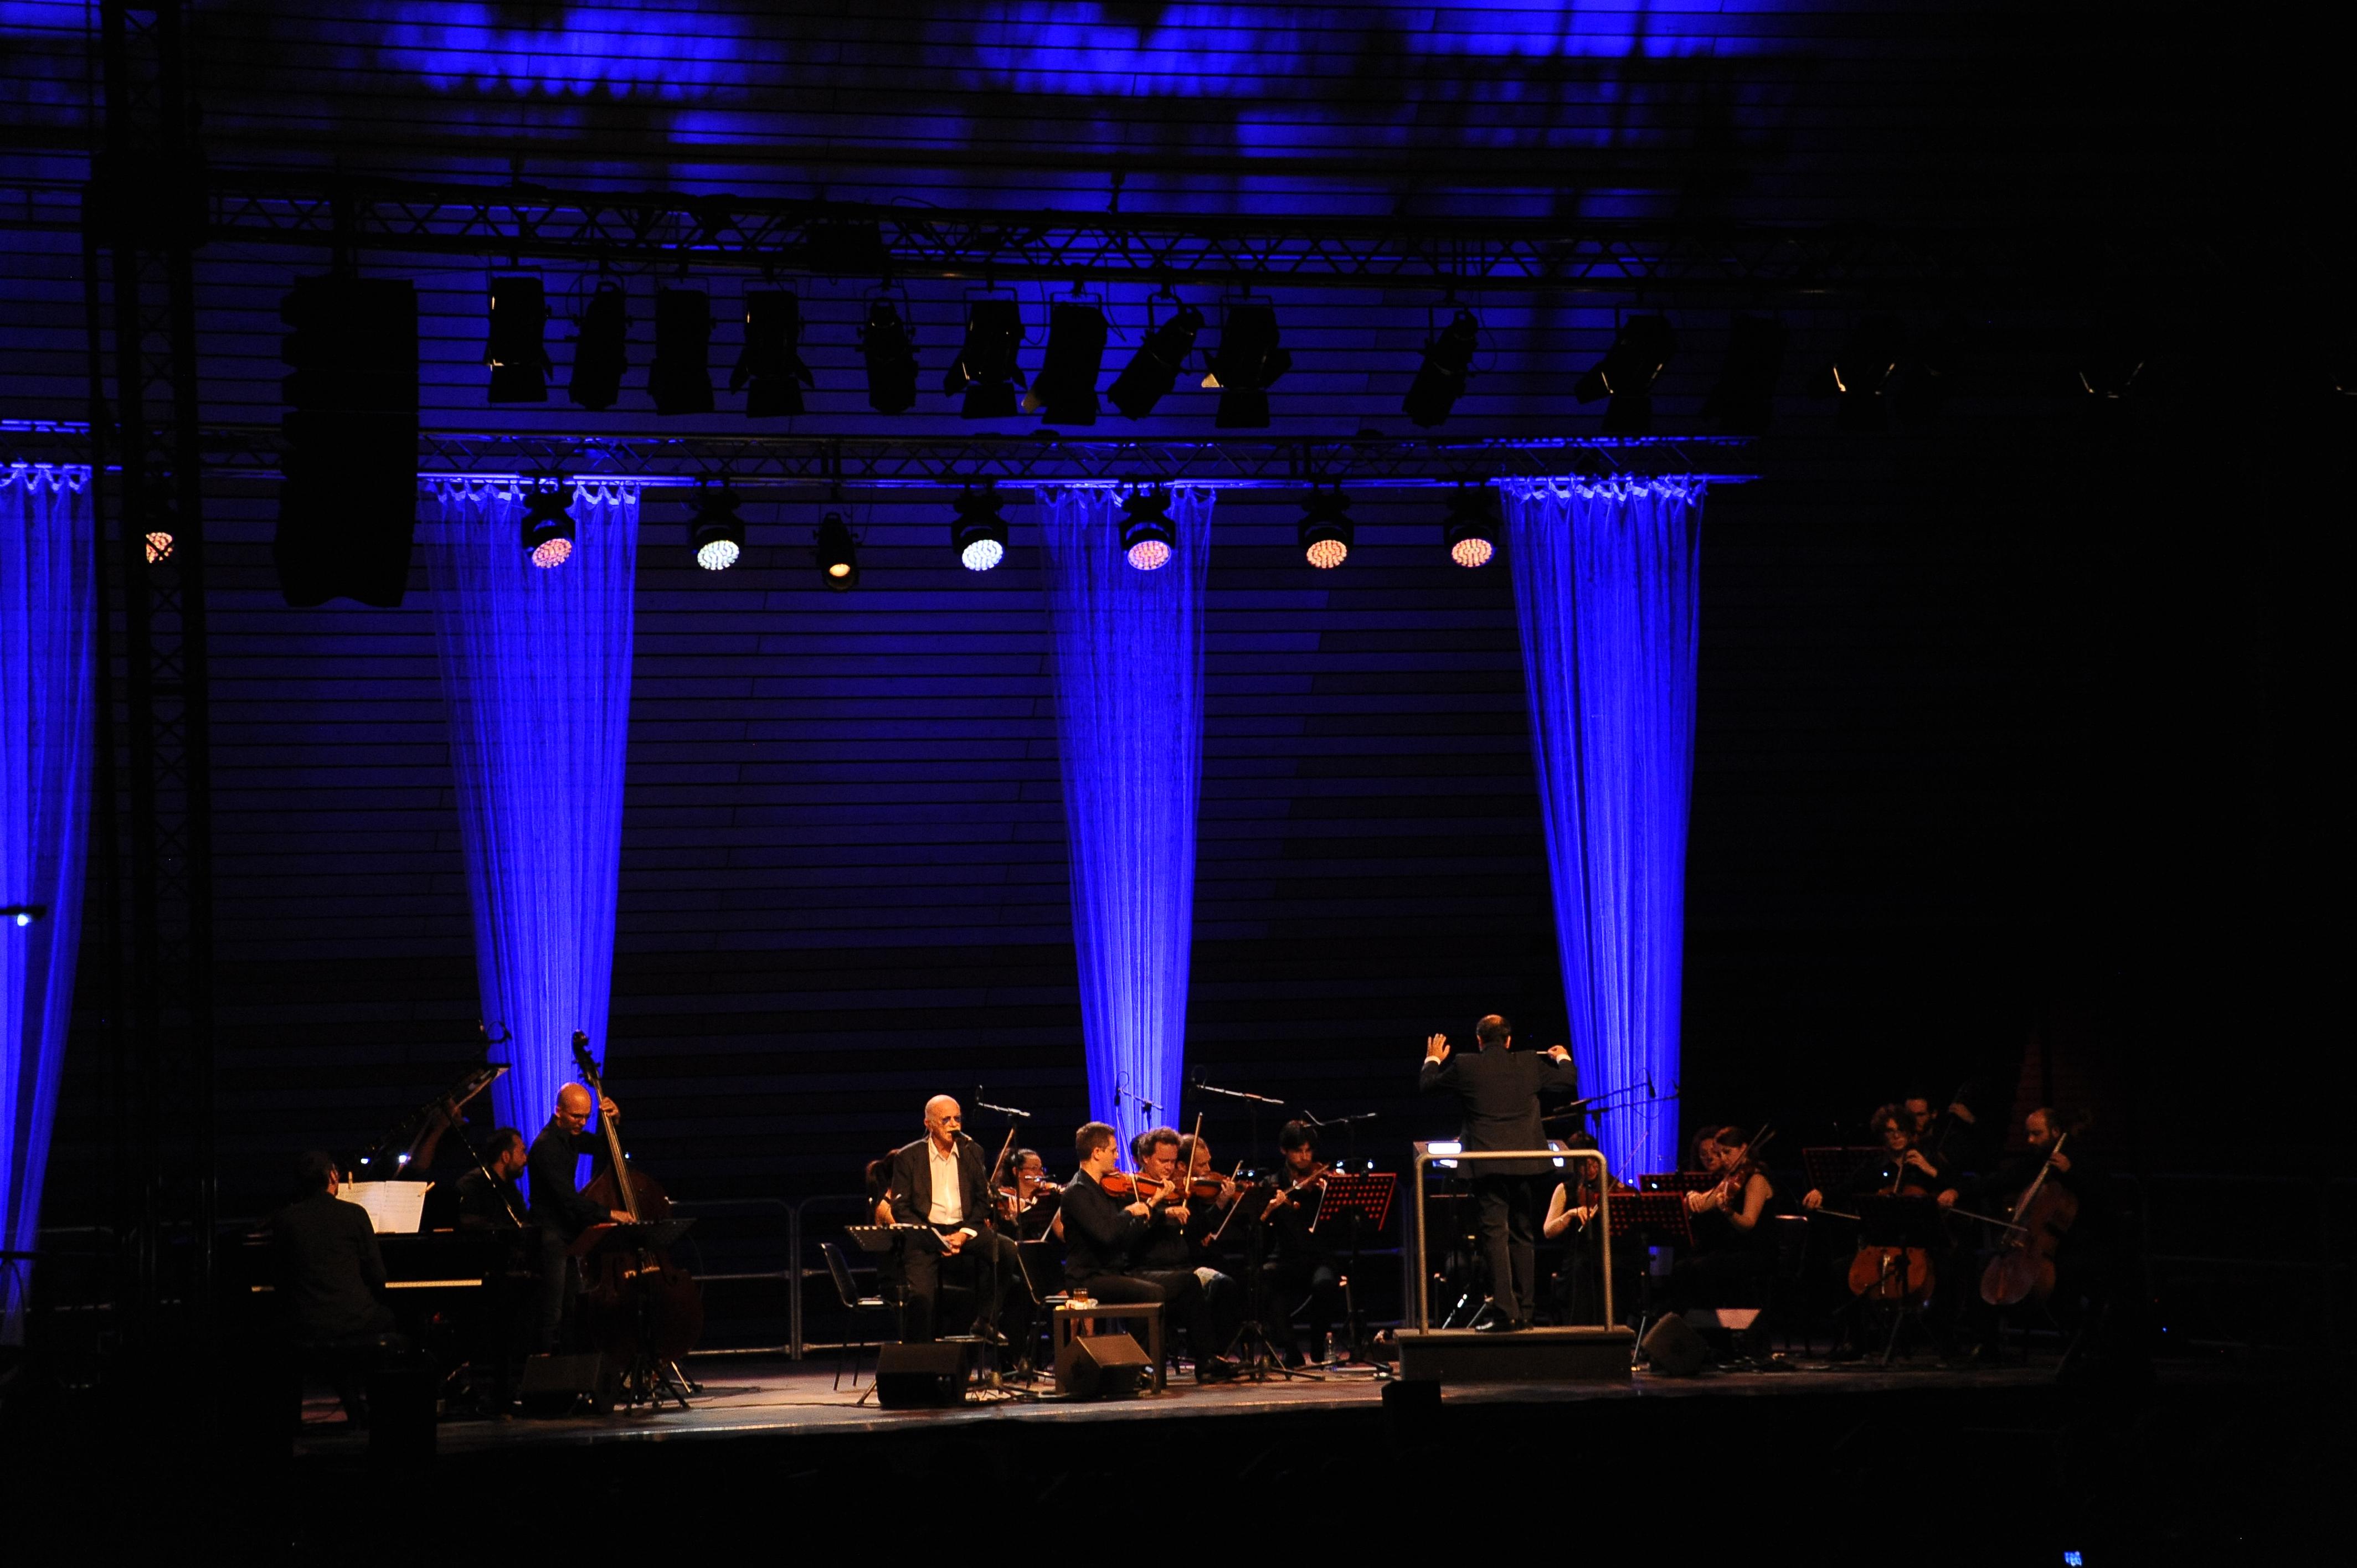 Stefano Fonzi con Gino Paoli in concerto